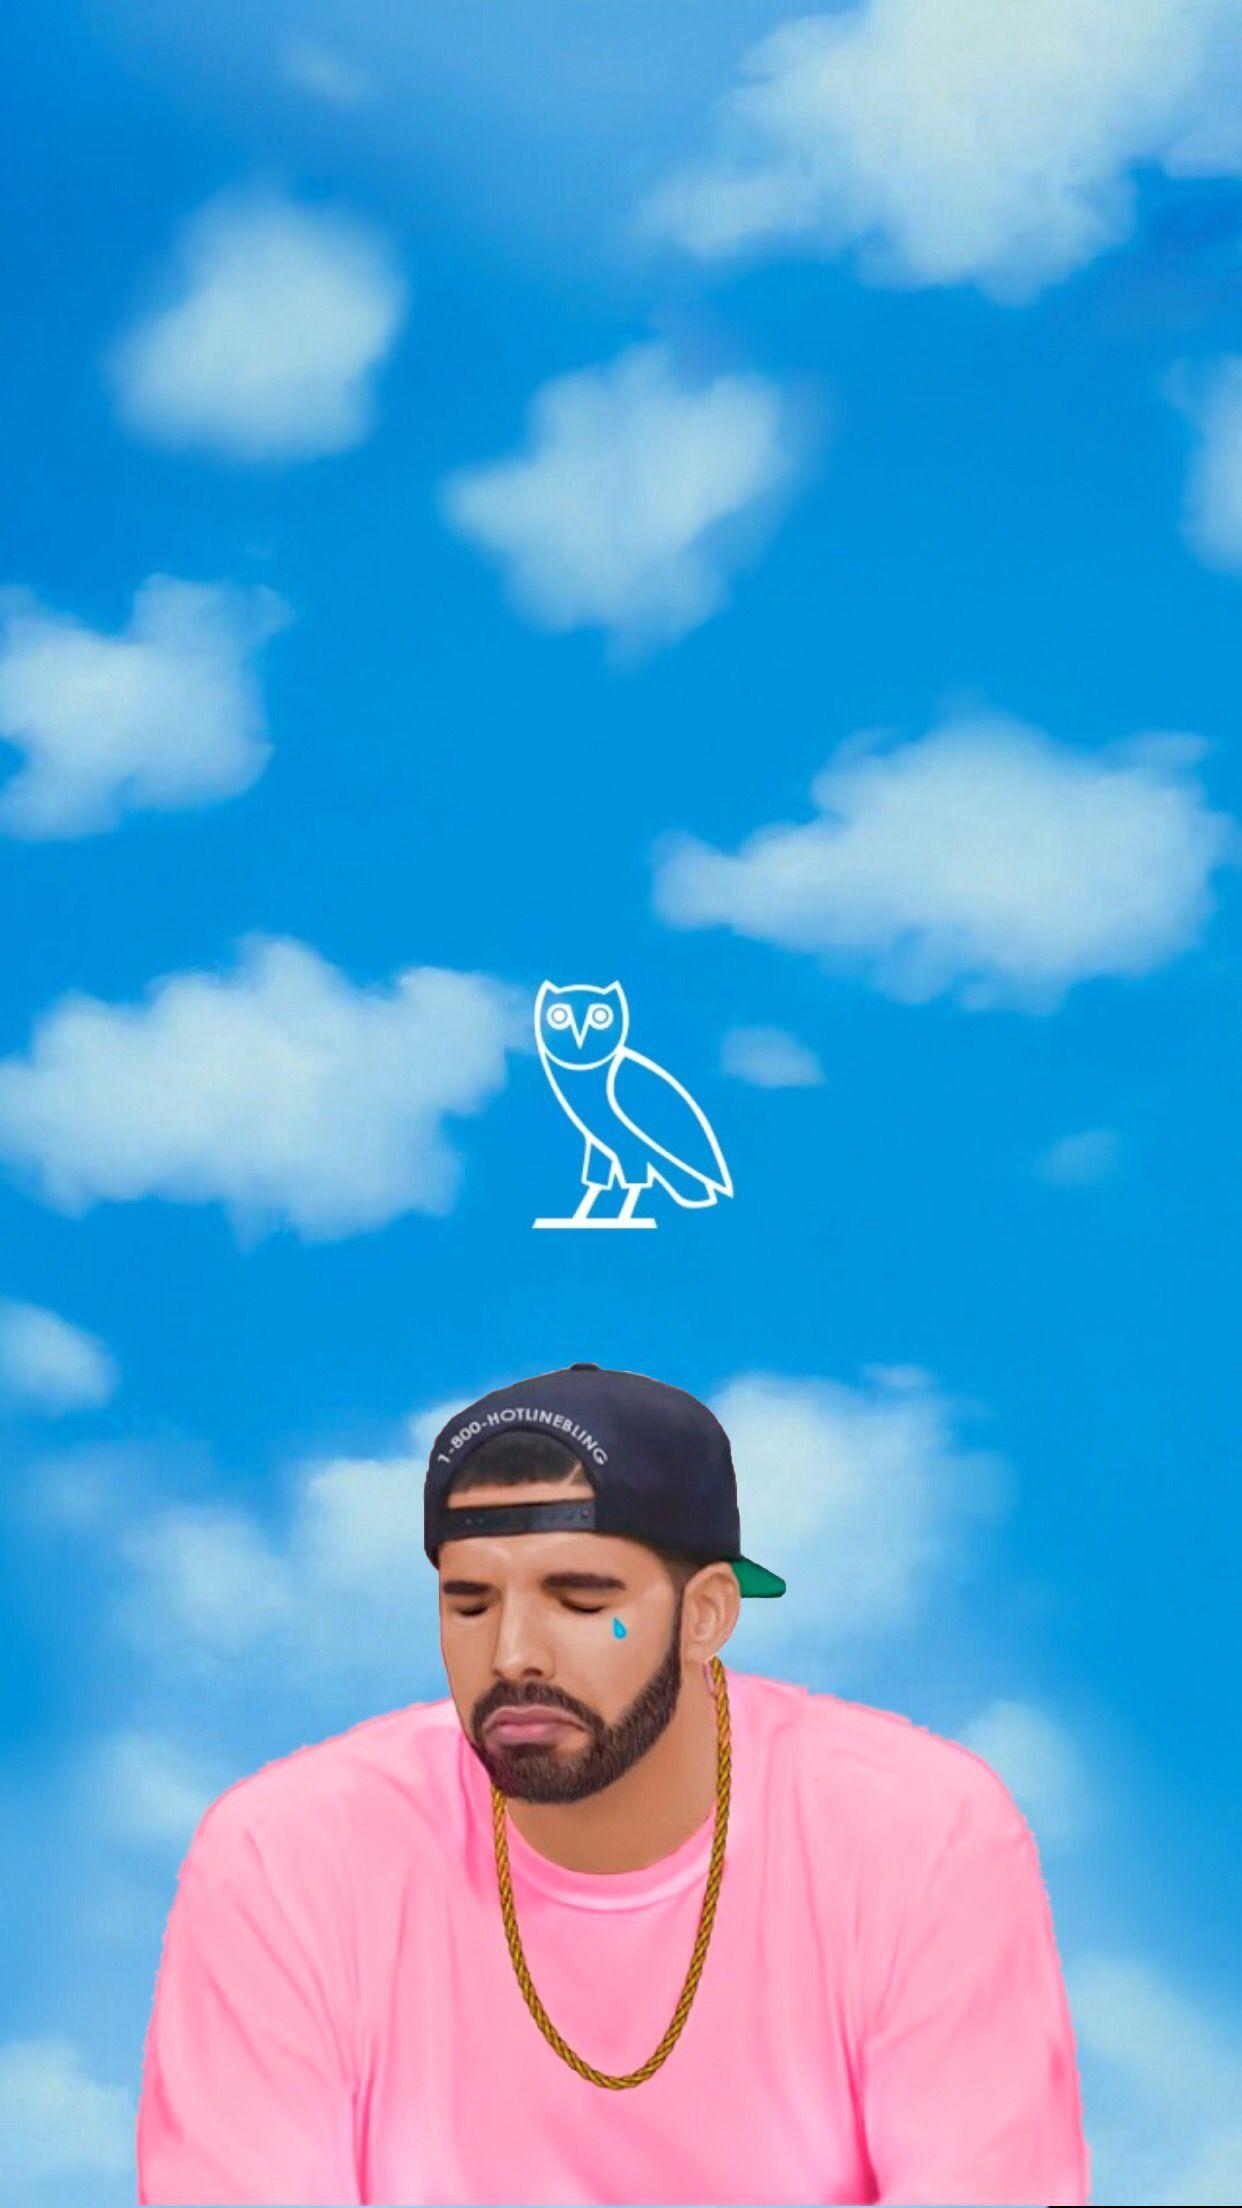 Pin By Junior Sampaio On Locksp Drake Wallpapers Hip Hop Art Drake